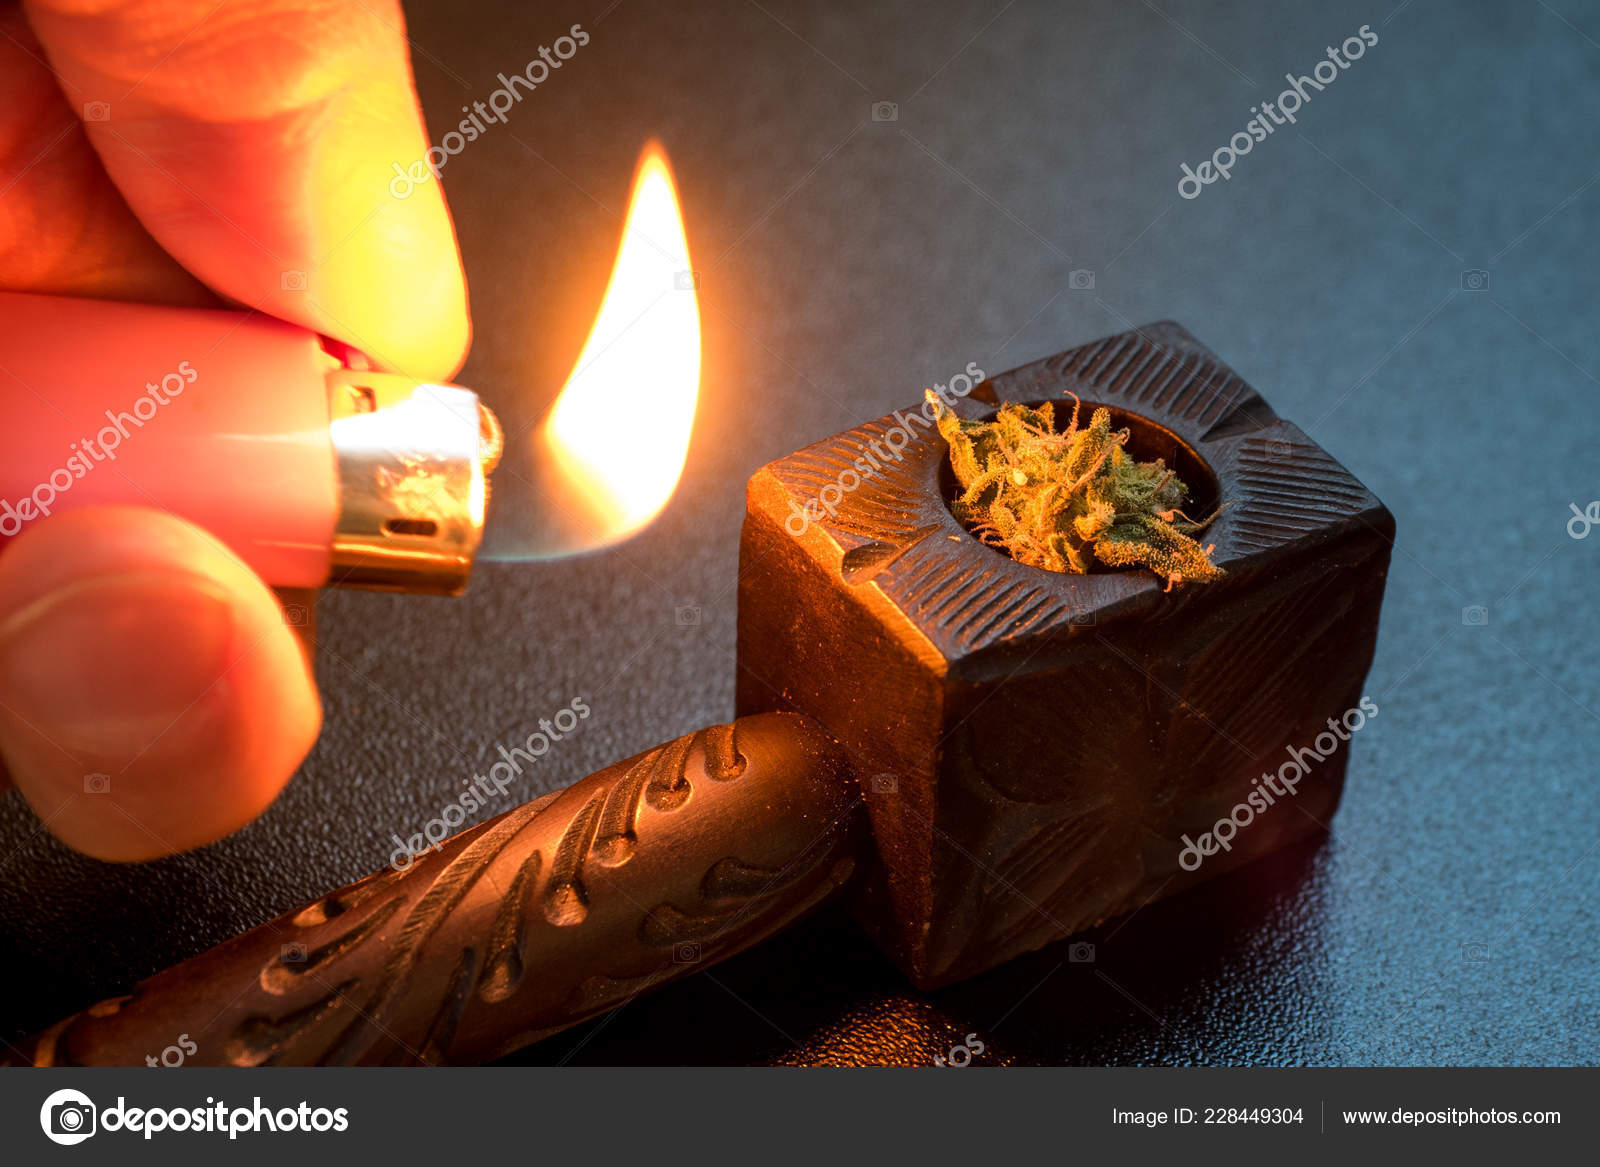 Wooden Tobacco Pipe Cigarette Lighter Hemp Smoking Smoke